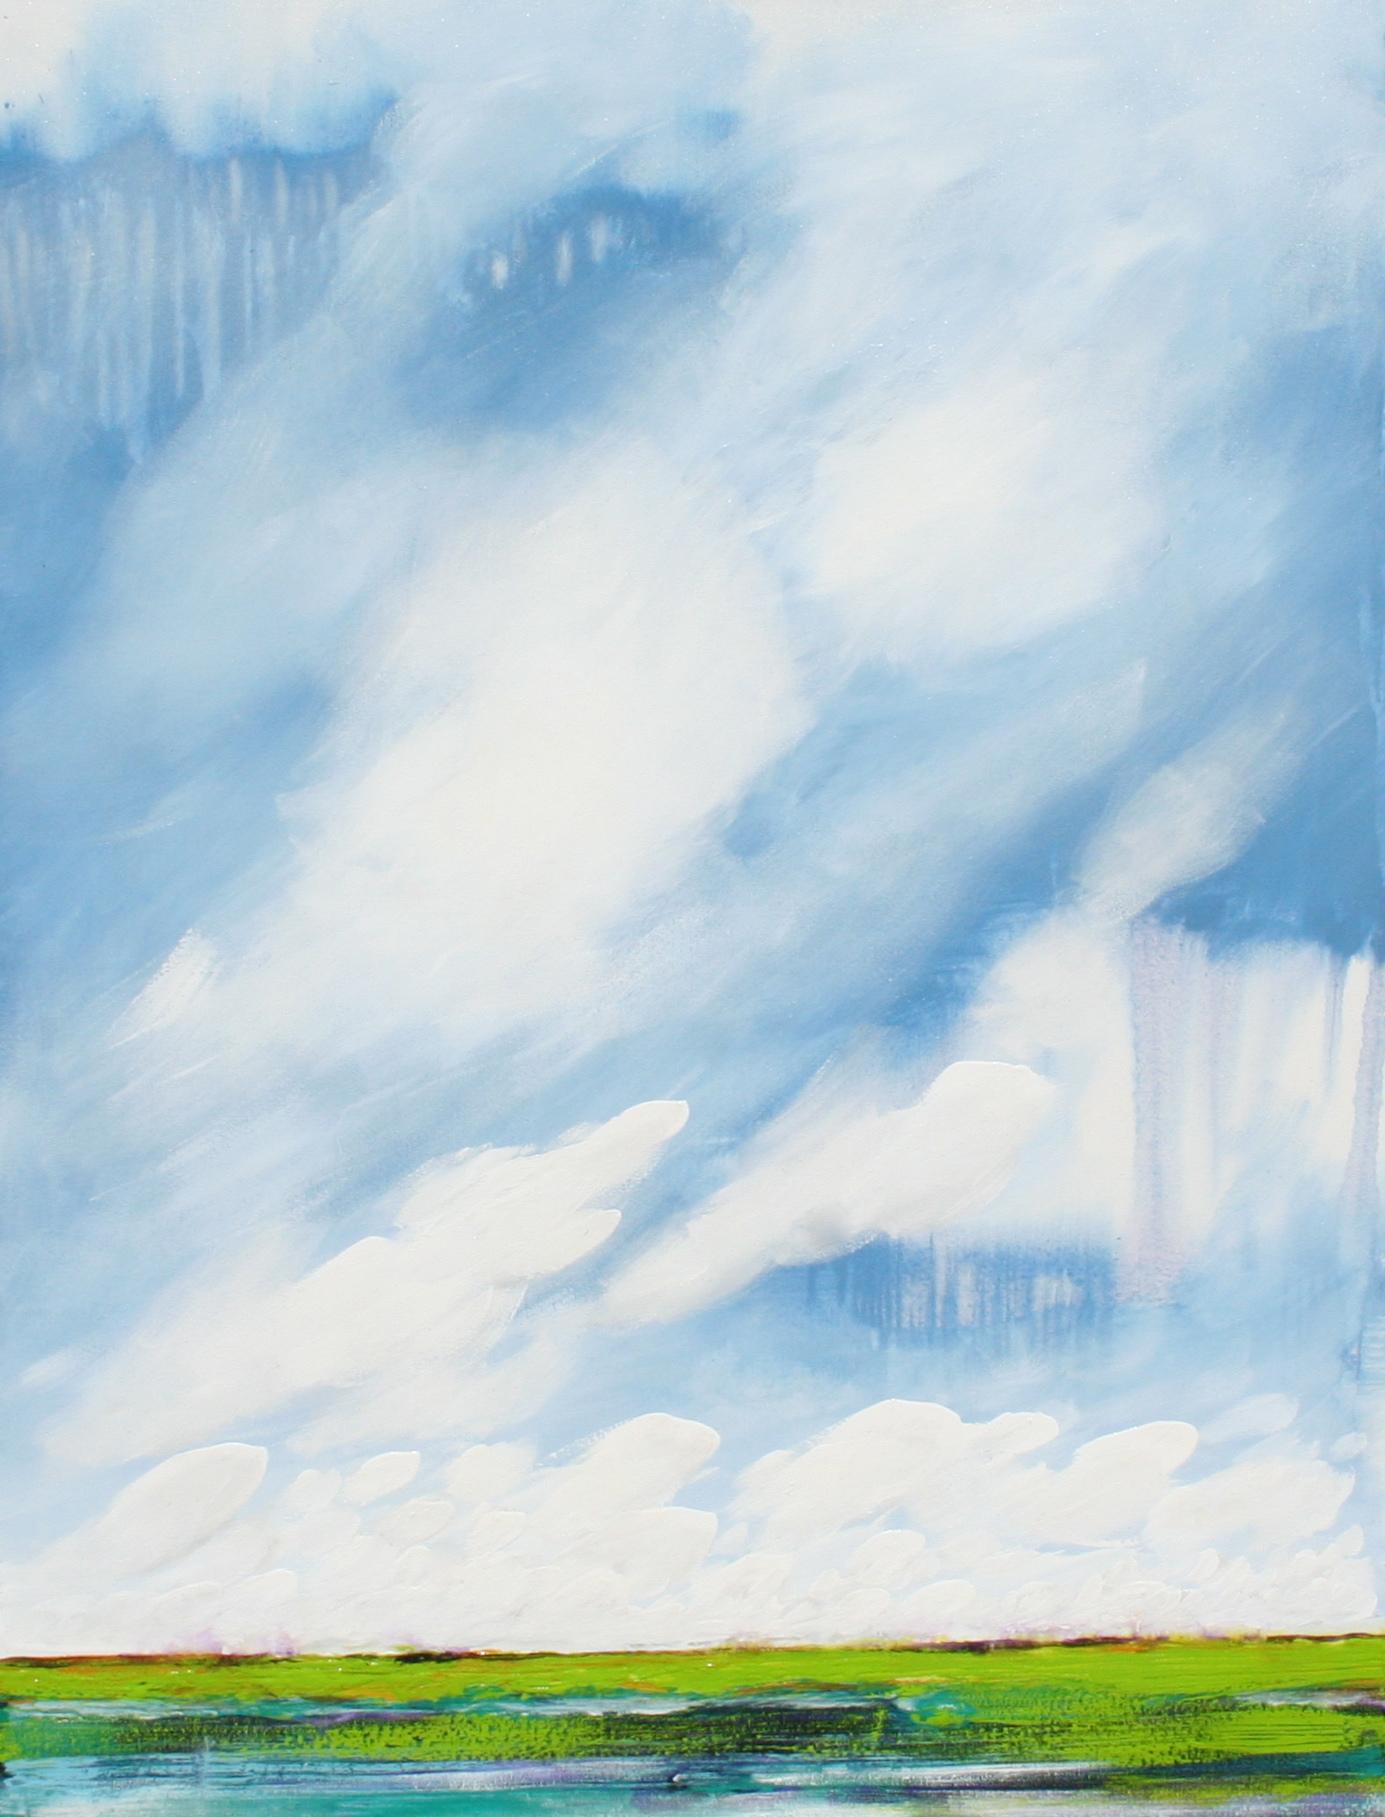 SKY #4